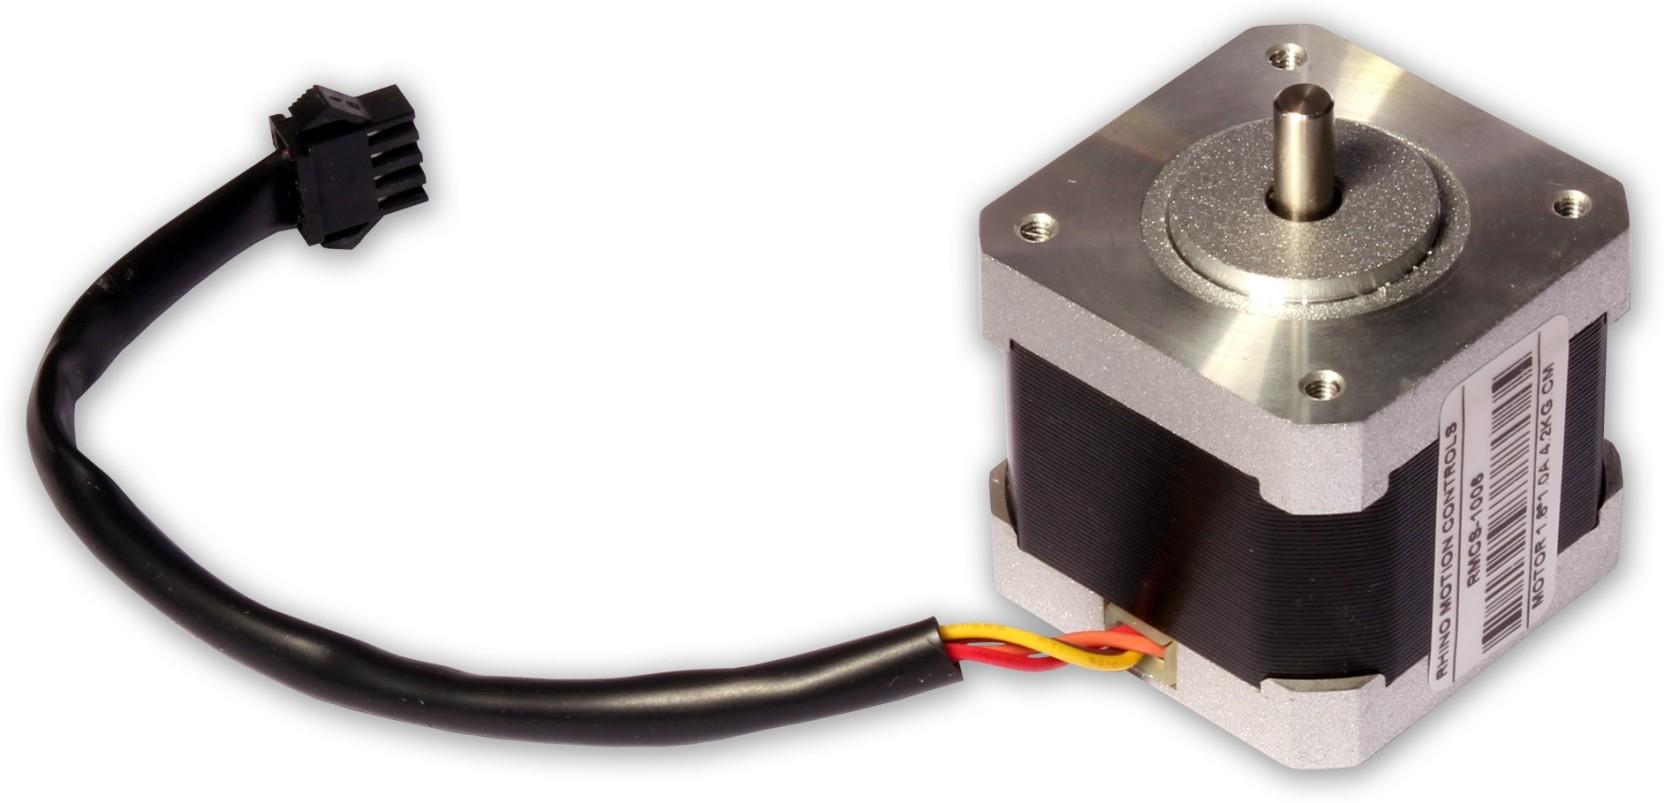 Robokits nema17 stepper motor torque price in for Nema 17 stepper motor torque